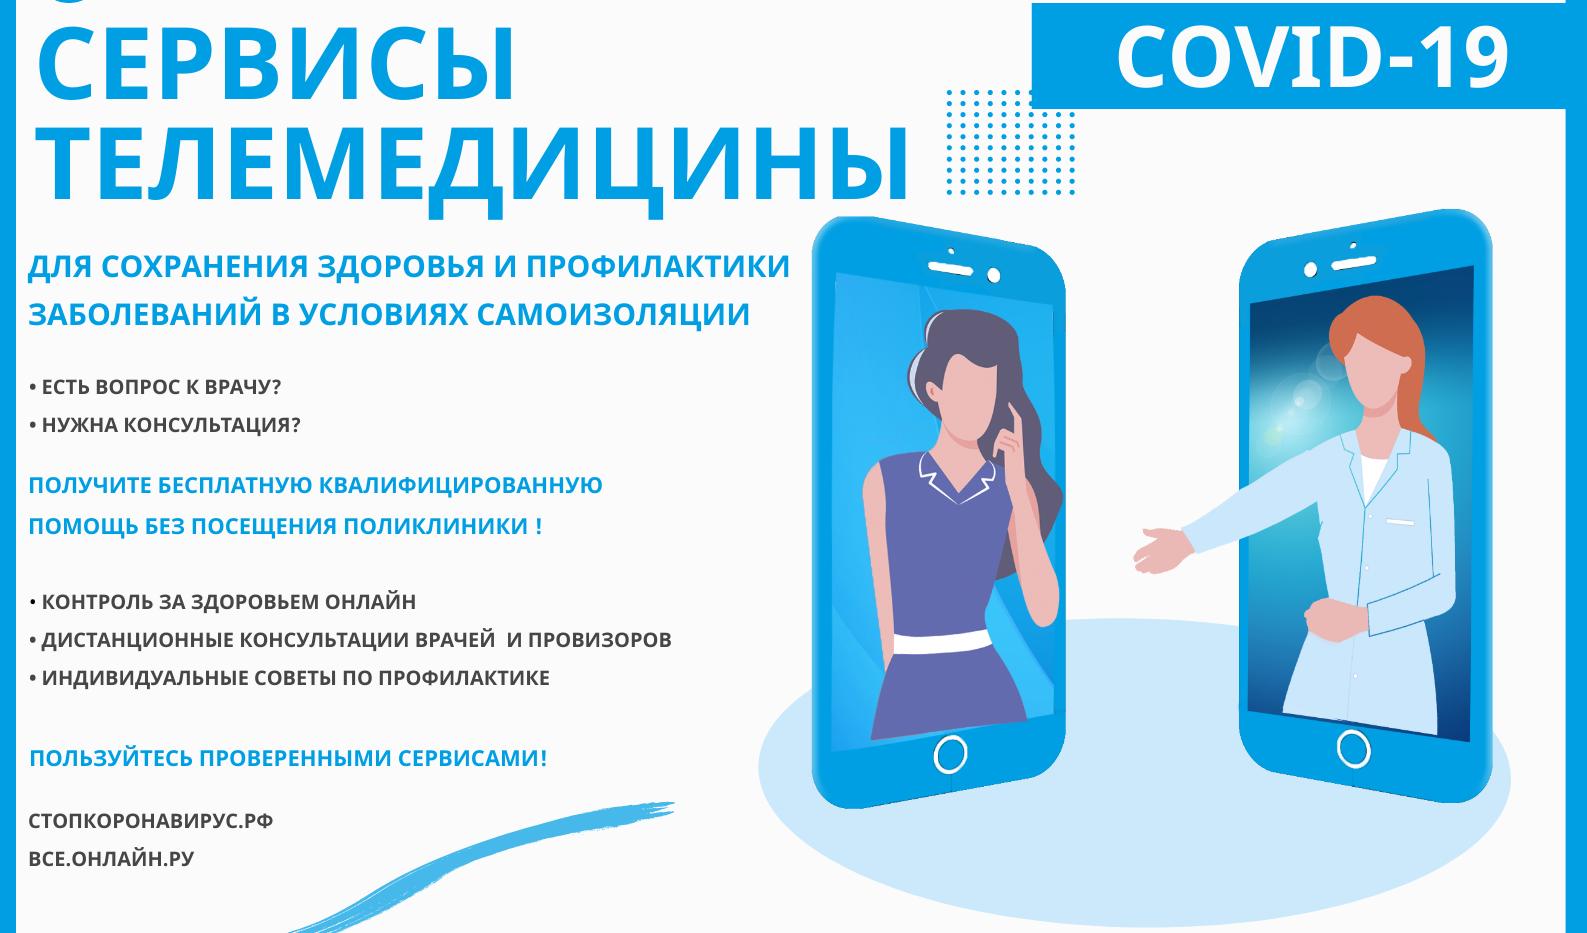 Сервисы телемедицины.png